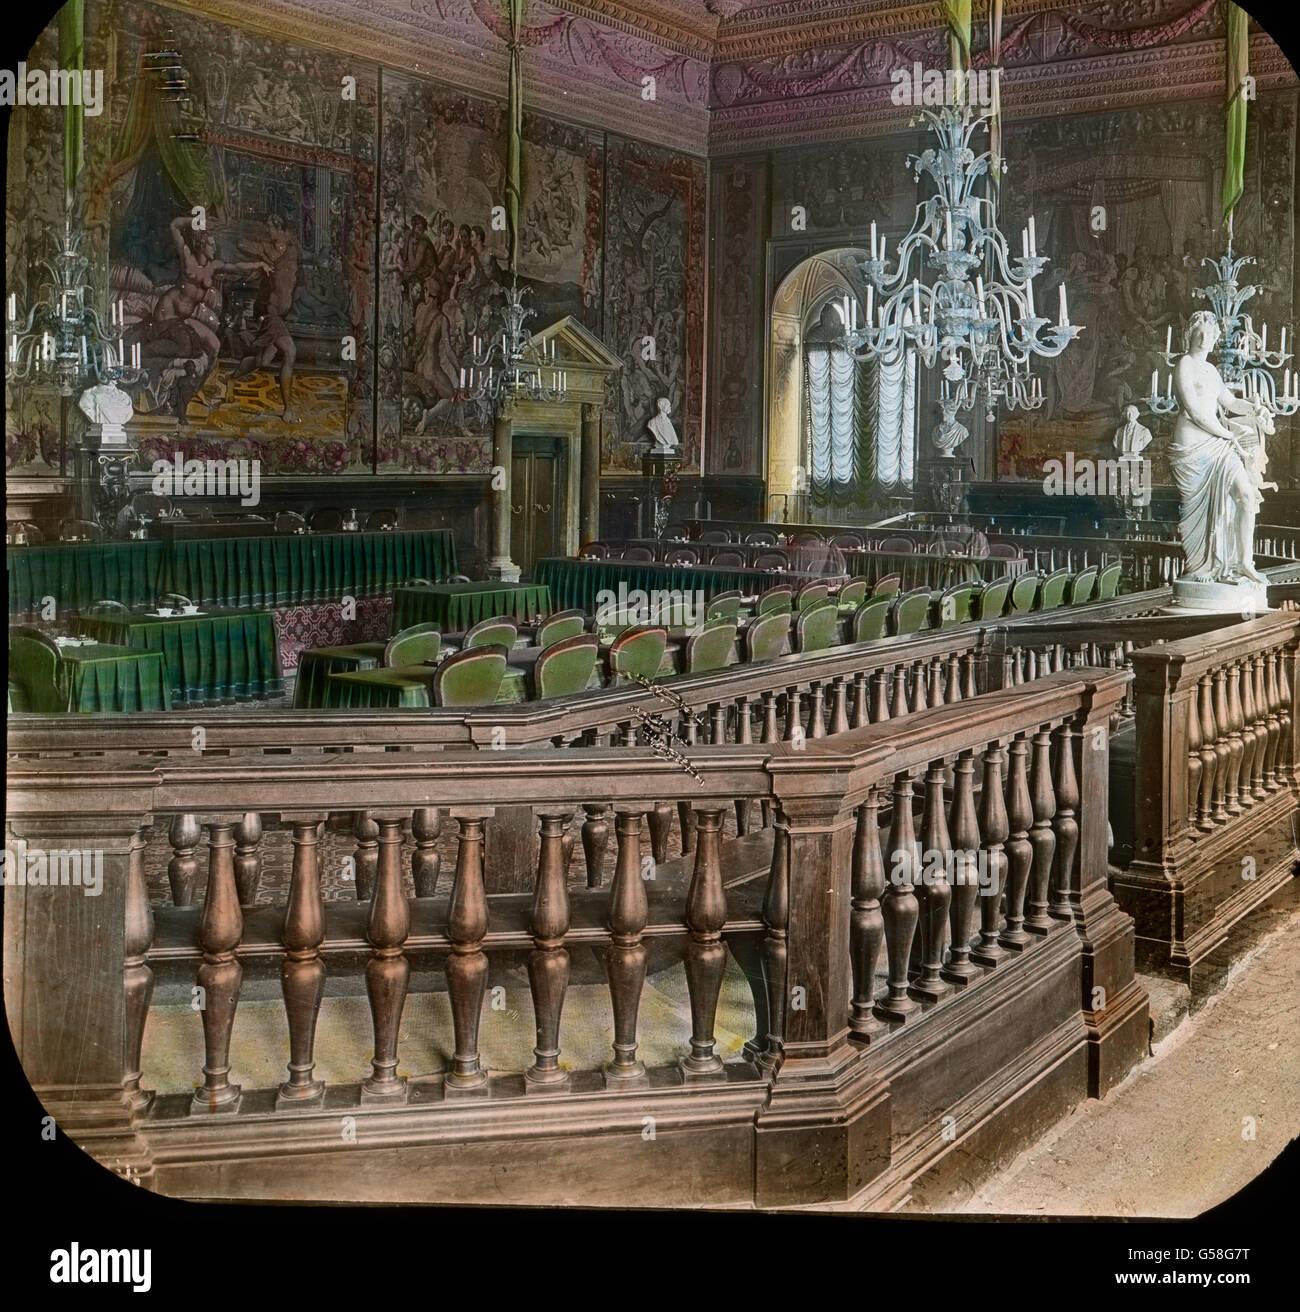 Die Geschichte schildern Prächtige Gemälde von Florenz und der es beherrschenden Medici. Die Teppiche Imagen De Stock